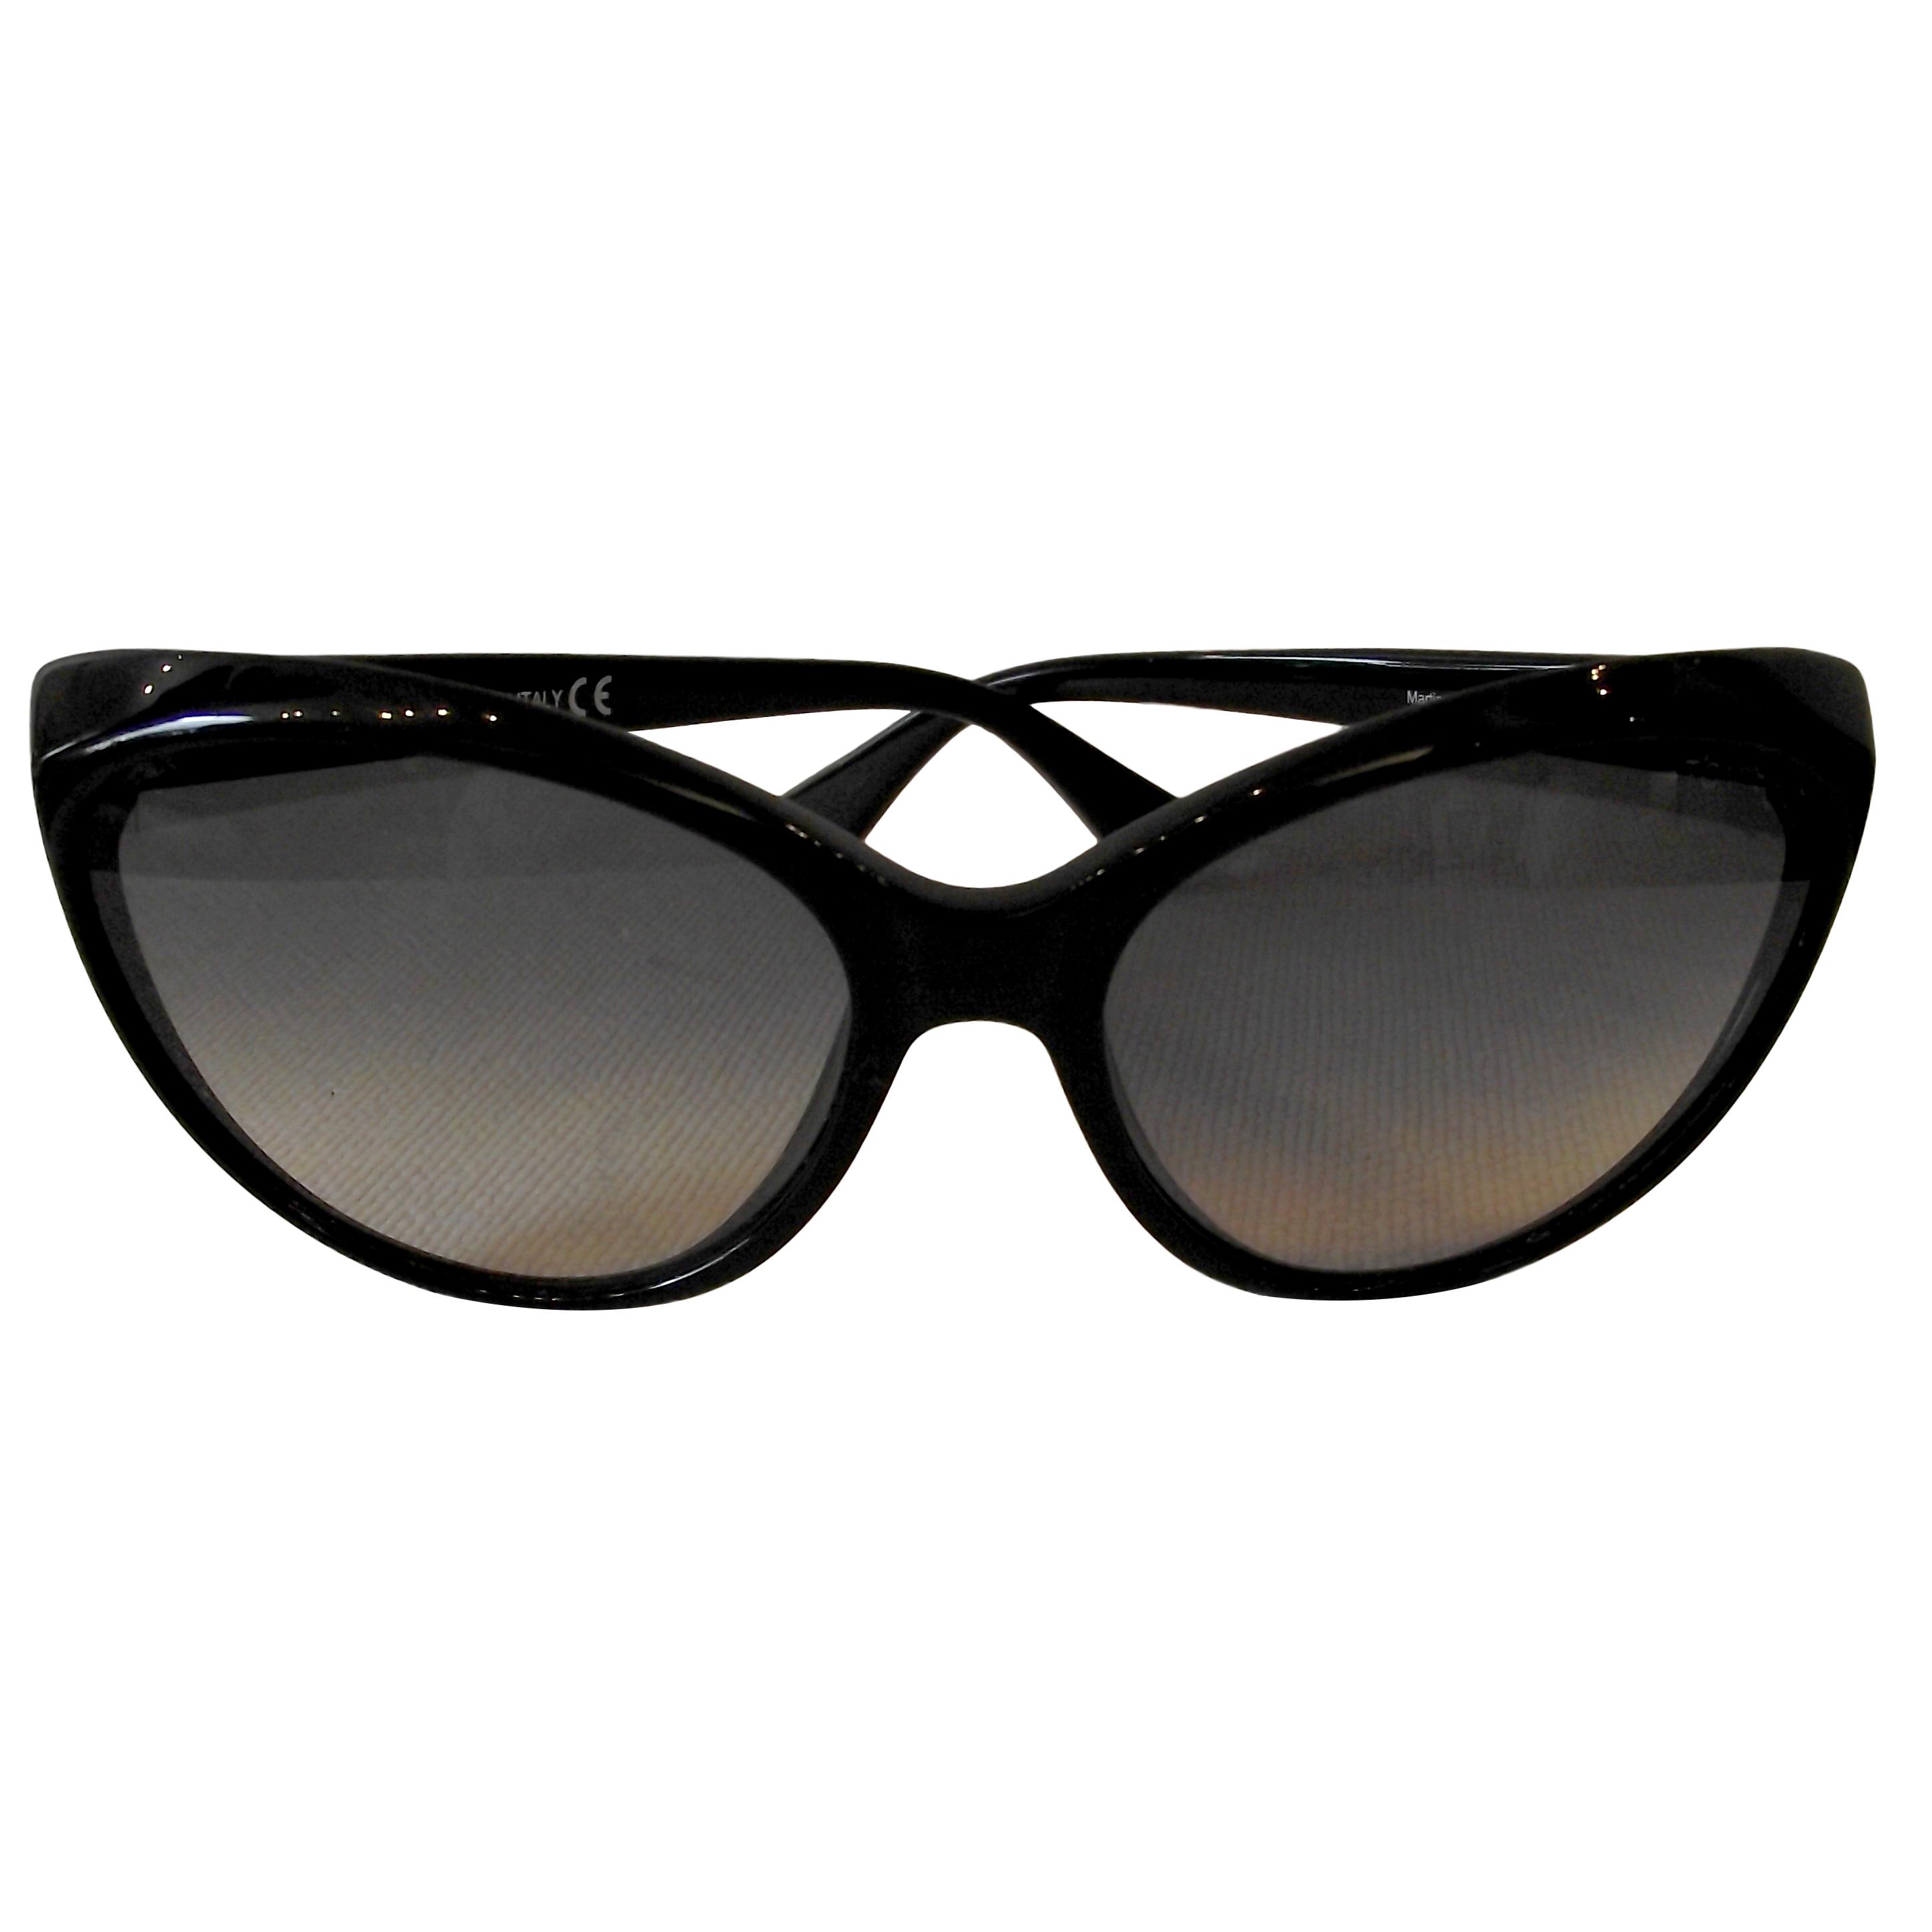 52a2b03a6bf1 Tom Ford Martina Sunglasses 1